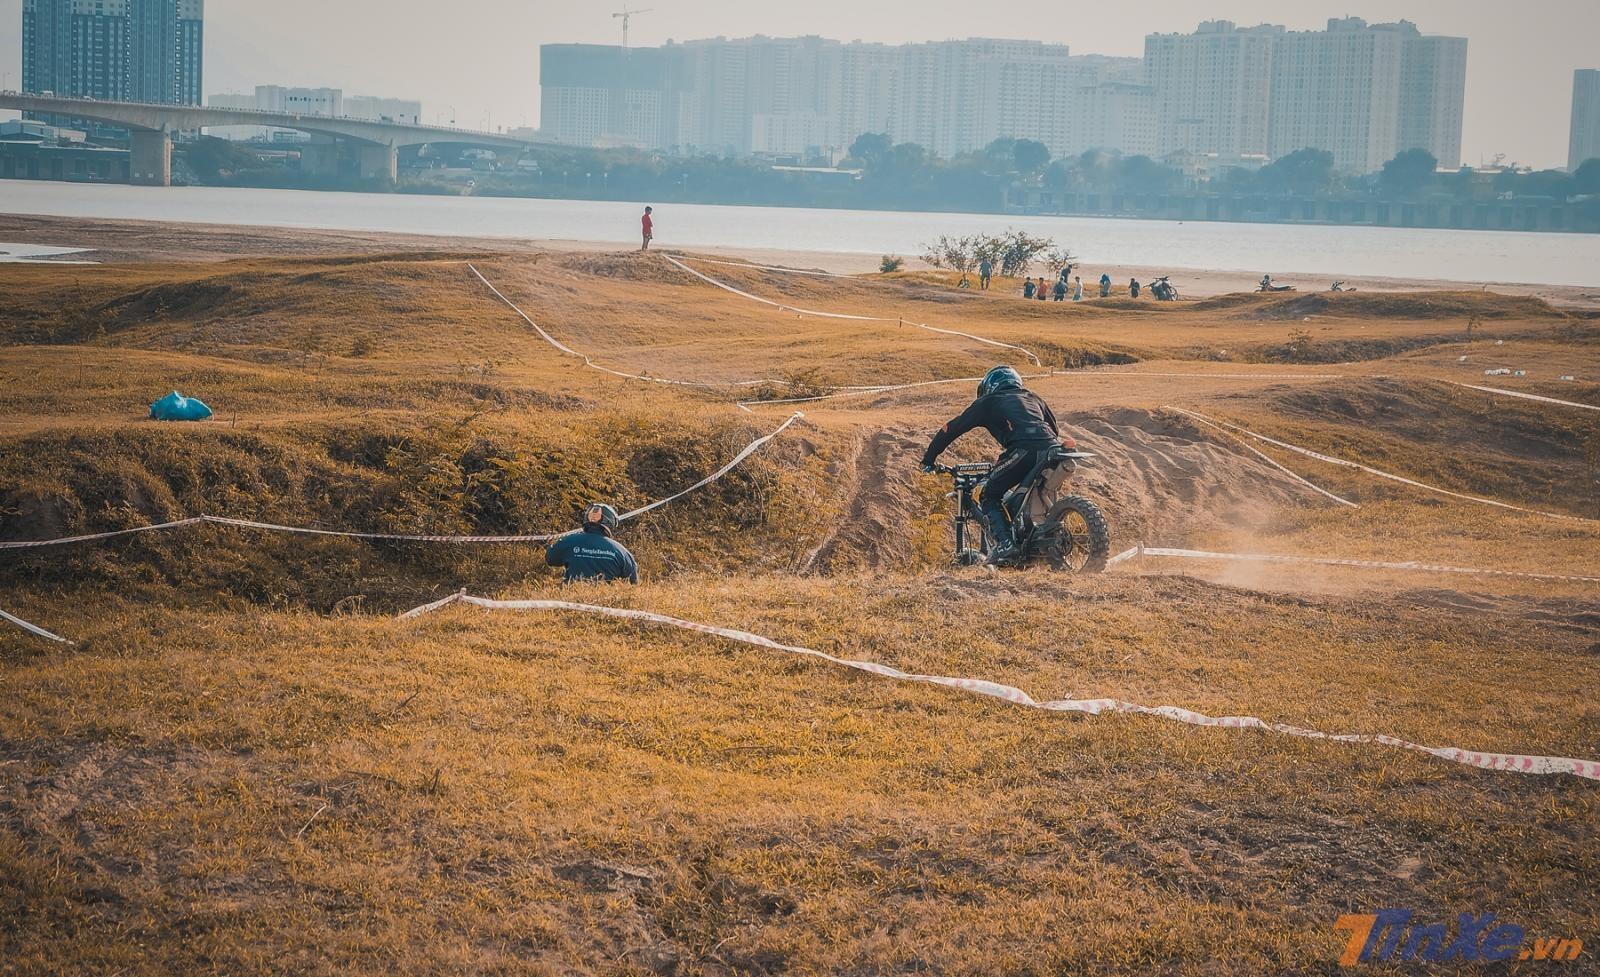 Con dốc đầu tiên cách điểm xuất phát 2 mét và ngay sau đó là một dốc lên khá cao với địa hình đầy cát